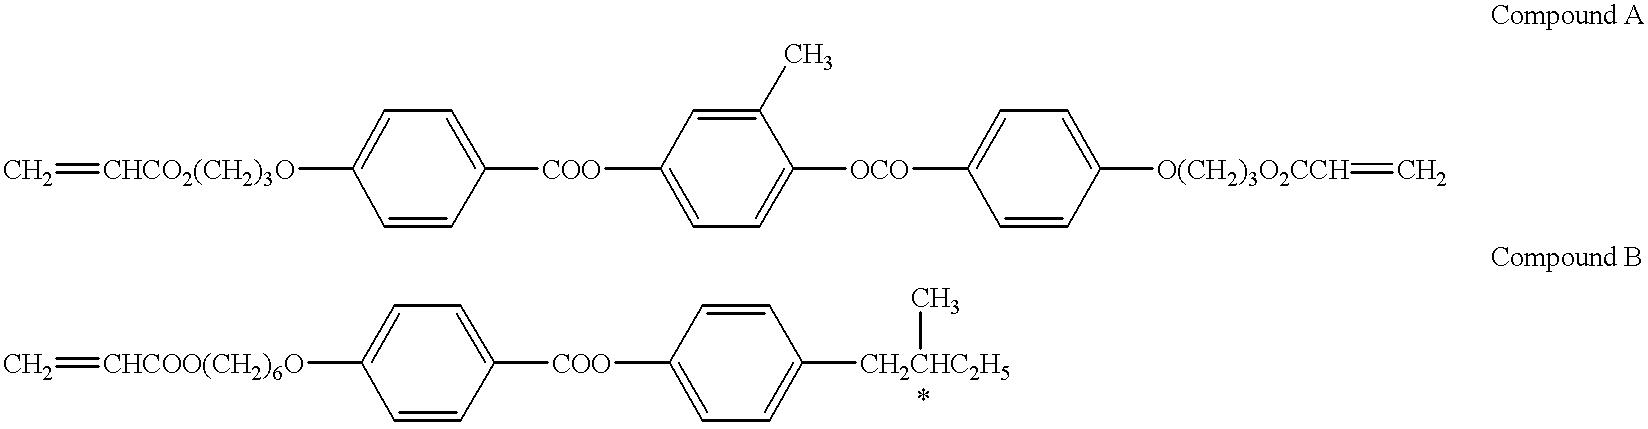 Figure US06207770-20010327-C00014